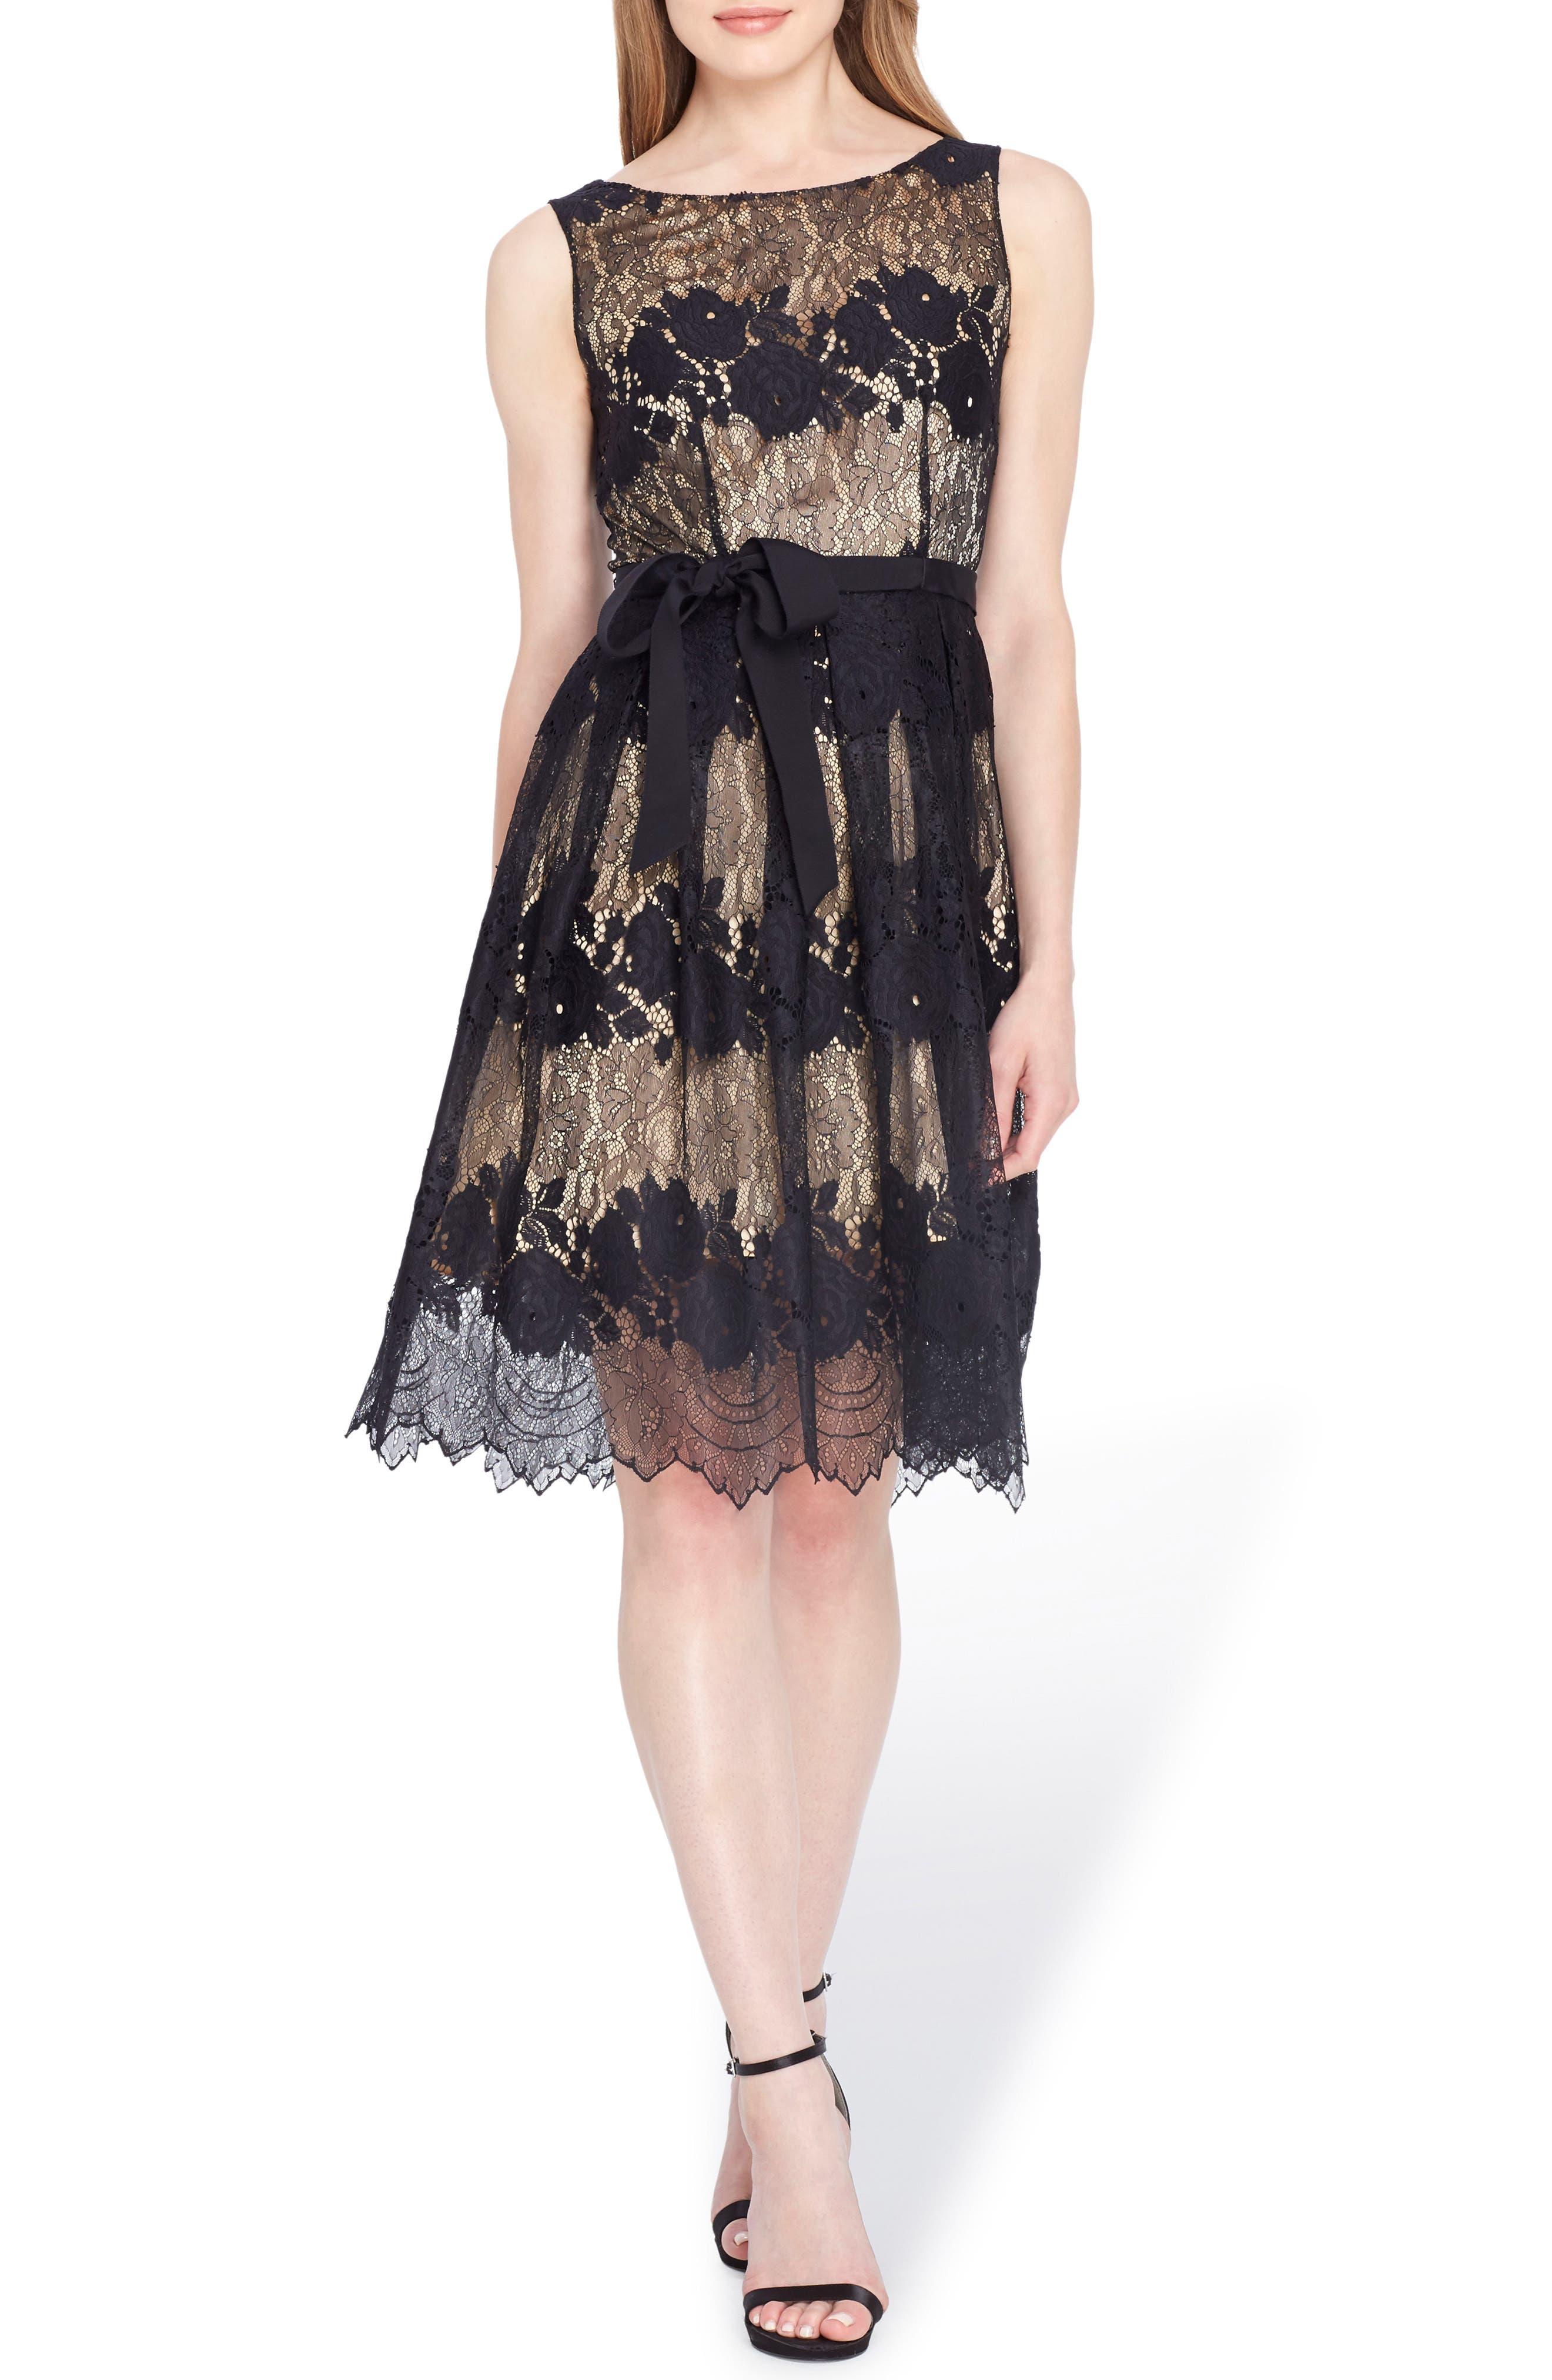 Alternate Image 1 Selected - Tahari Lace Fit & Flare Dress (Regular & Petite)